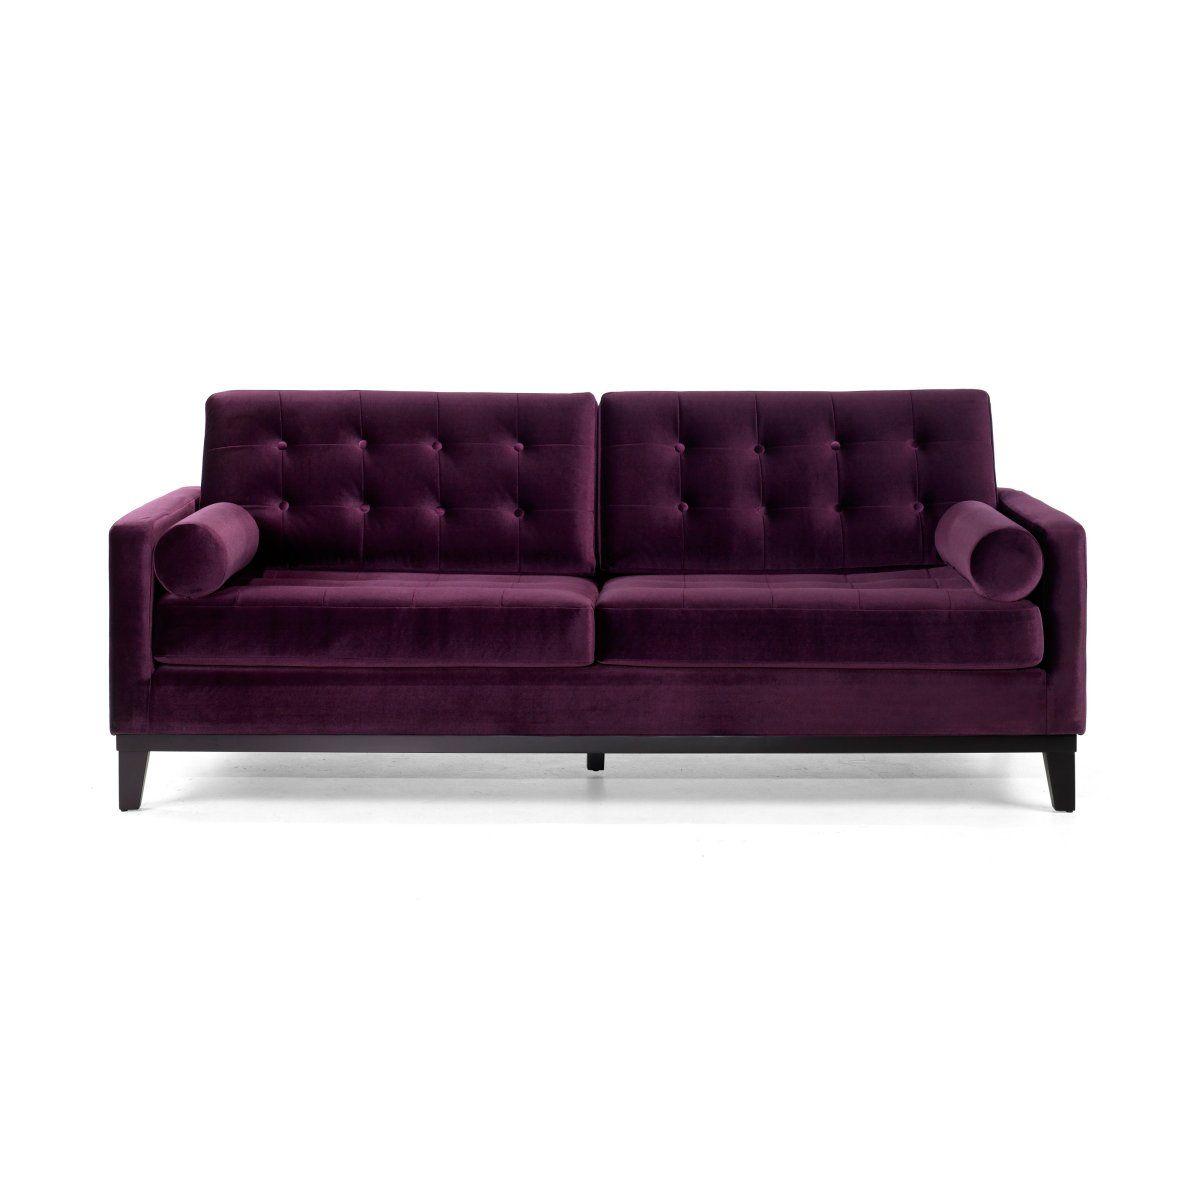 Armen Living Centennial Purple Velvet Sofa